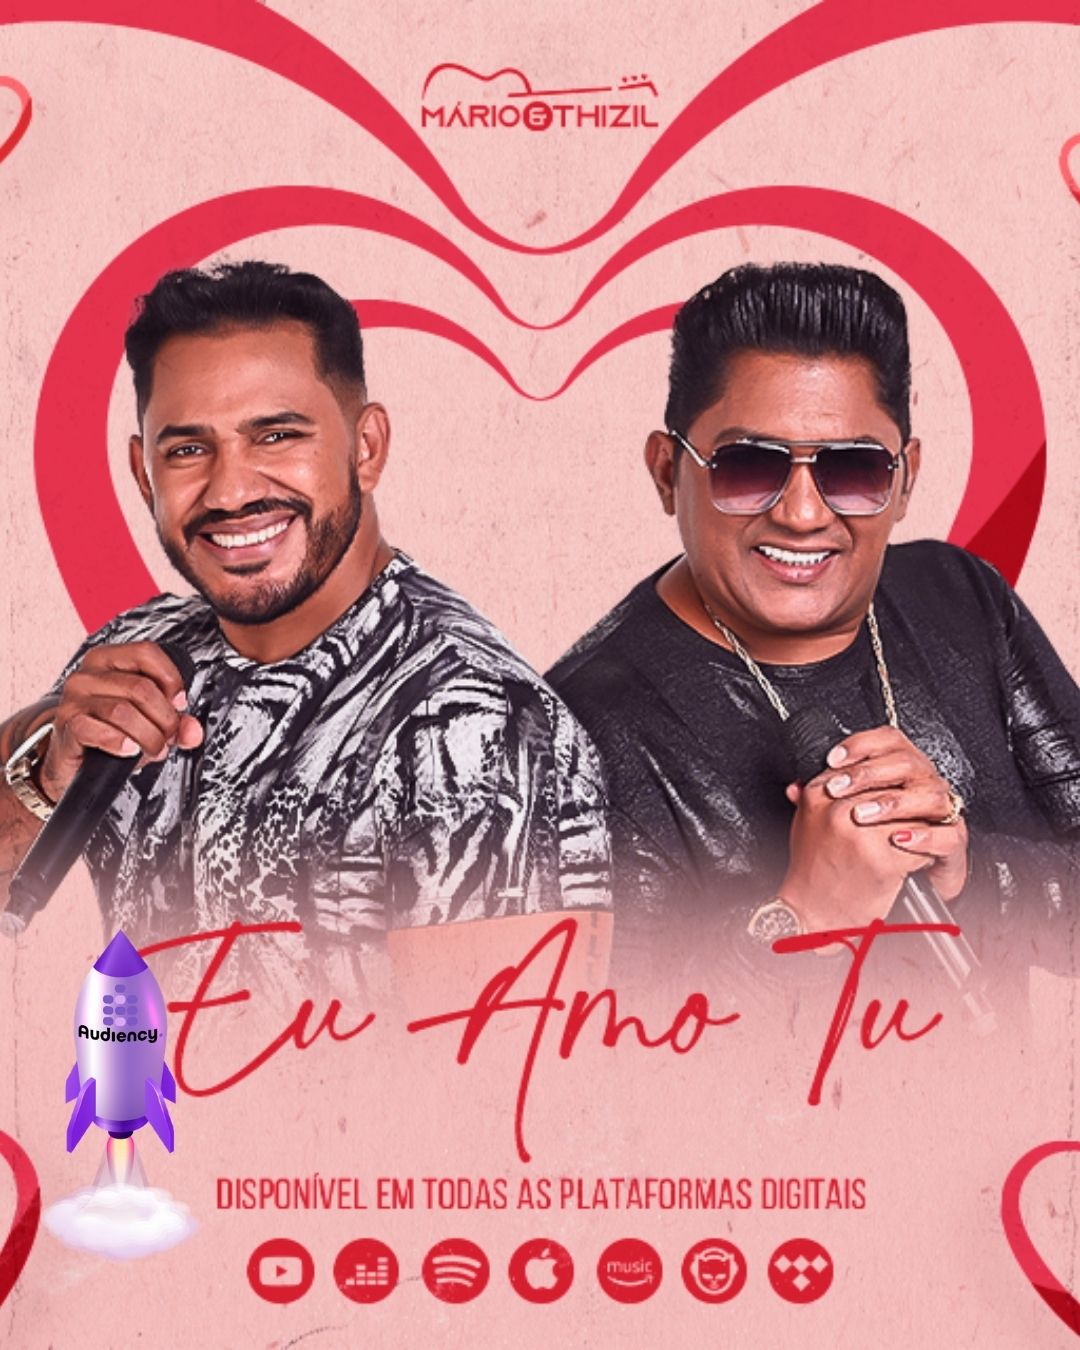 """""""Eu amo tu"""" Mário e Thizil lançamento audiency"""